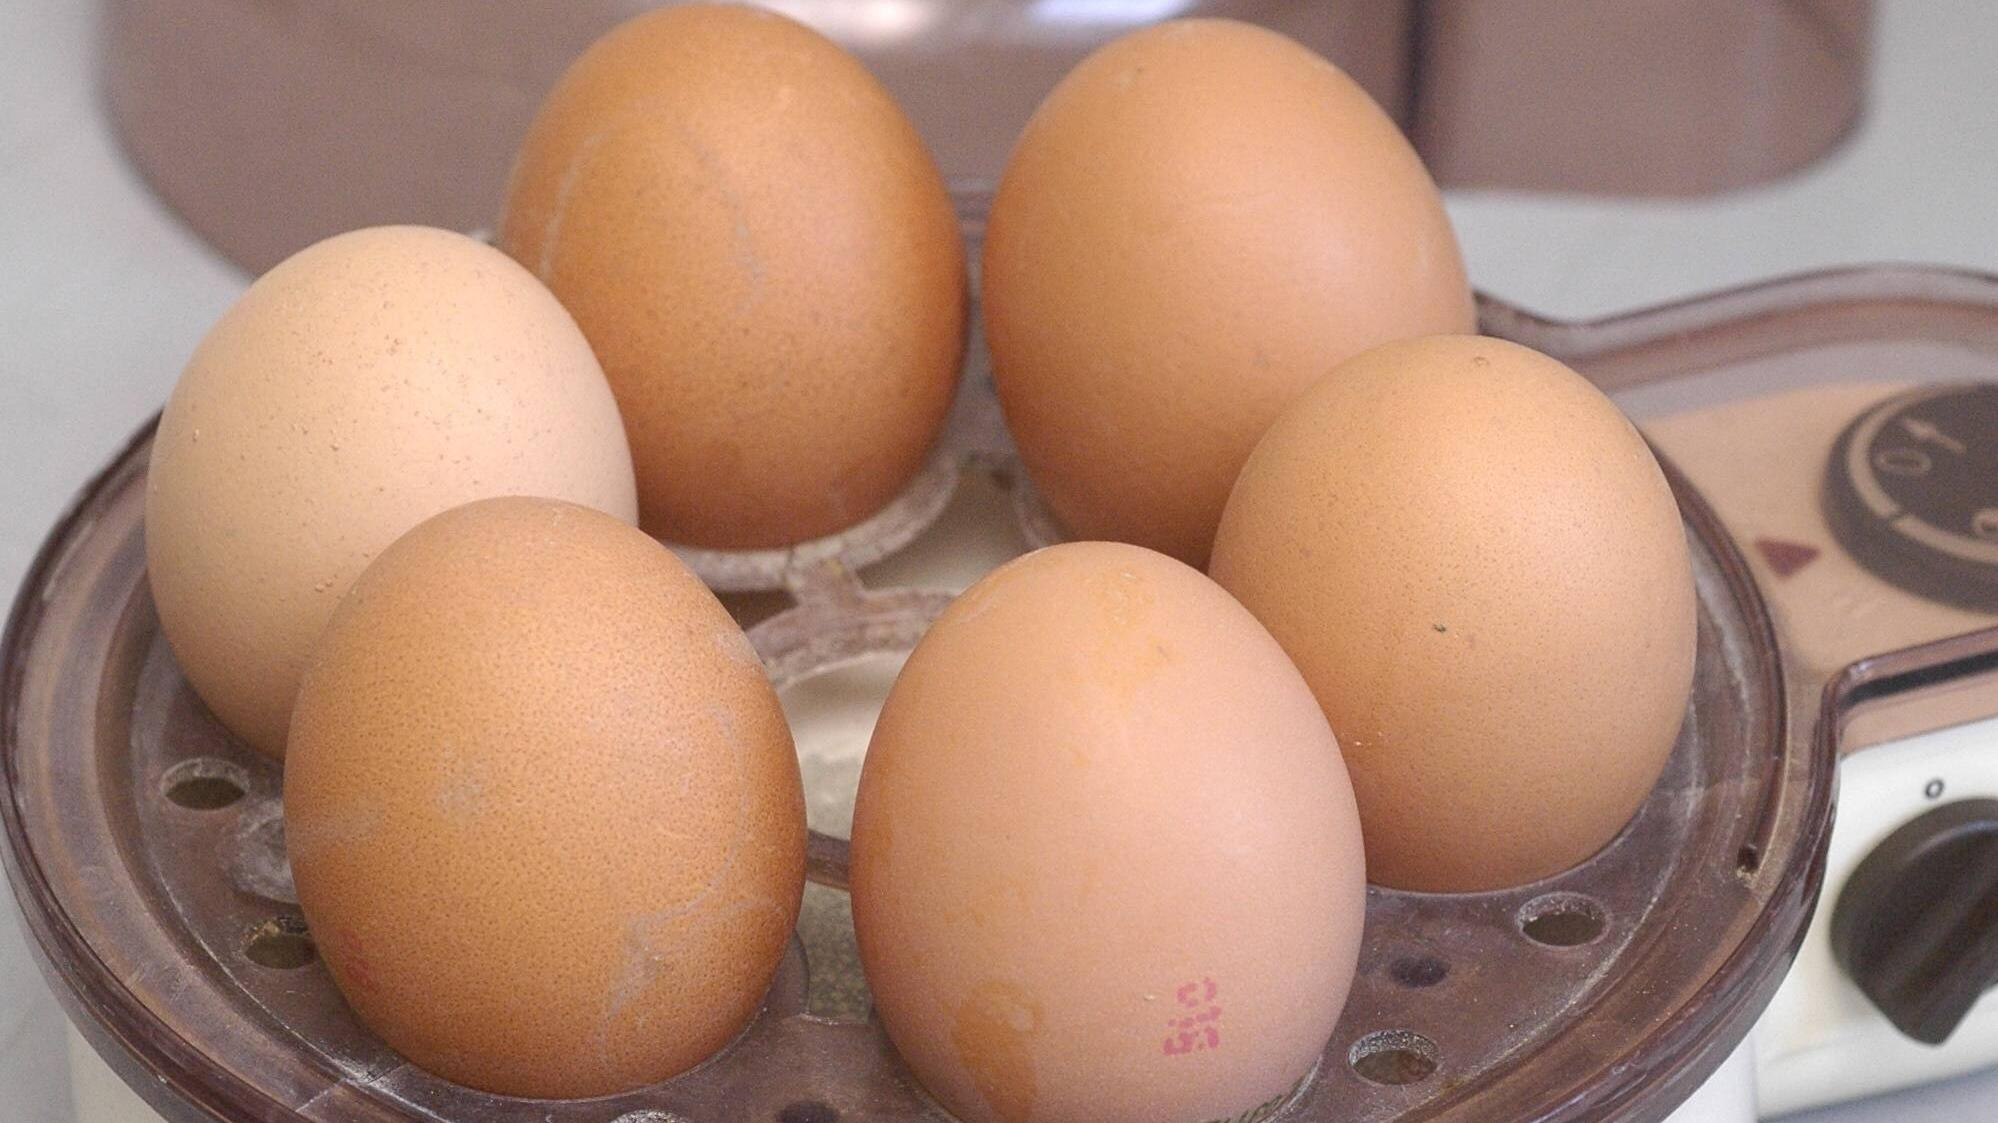 Wenn Sie einen Eierkocher benutzen, sollten Sie zunächst die Gebrauchsanweisung lesen.